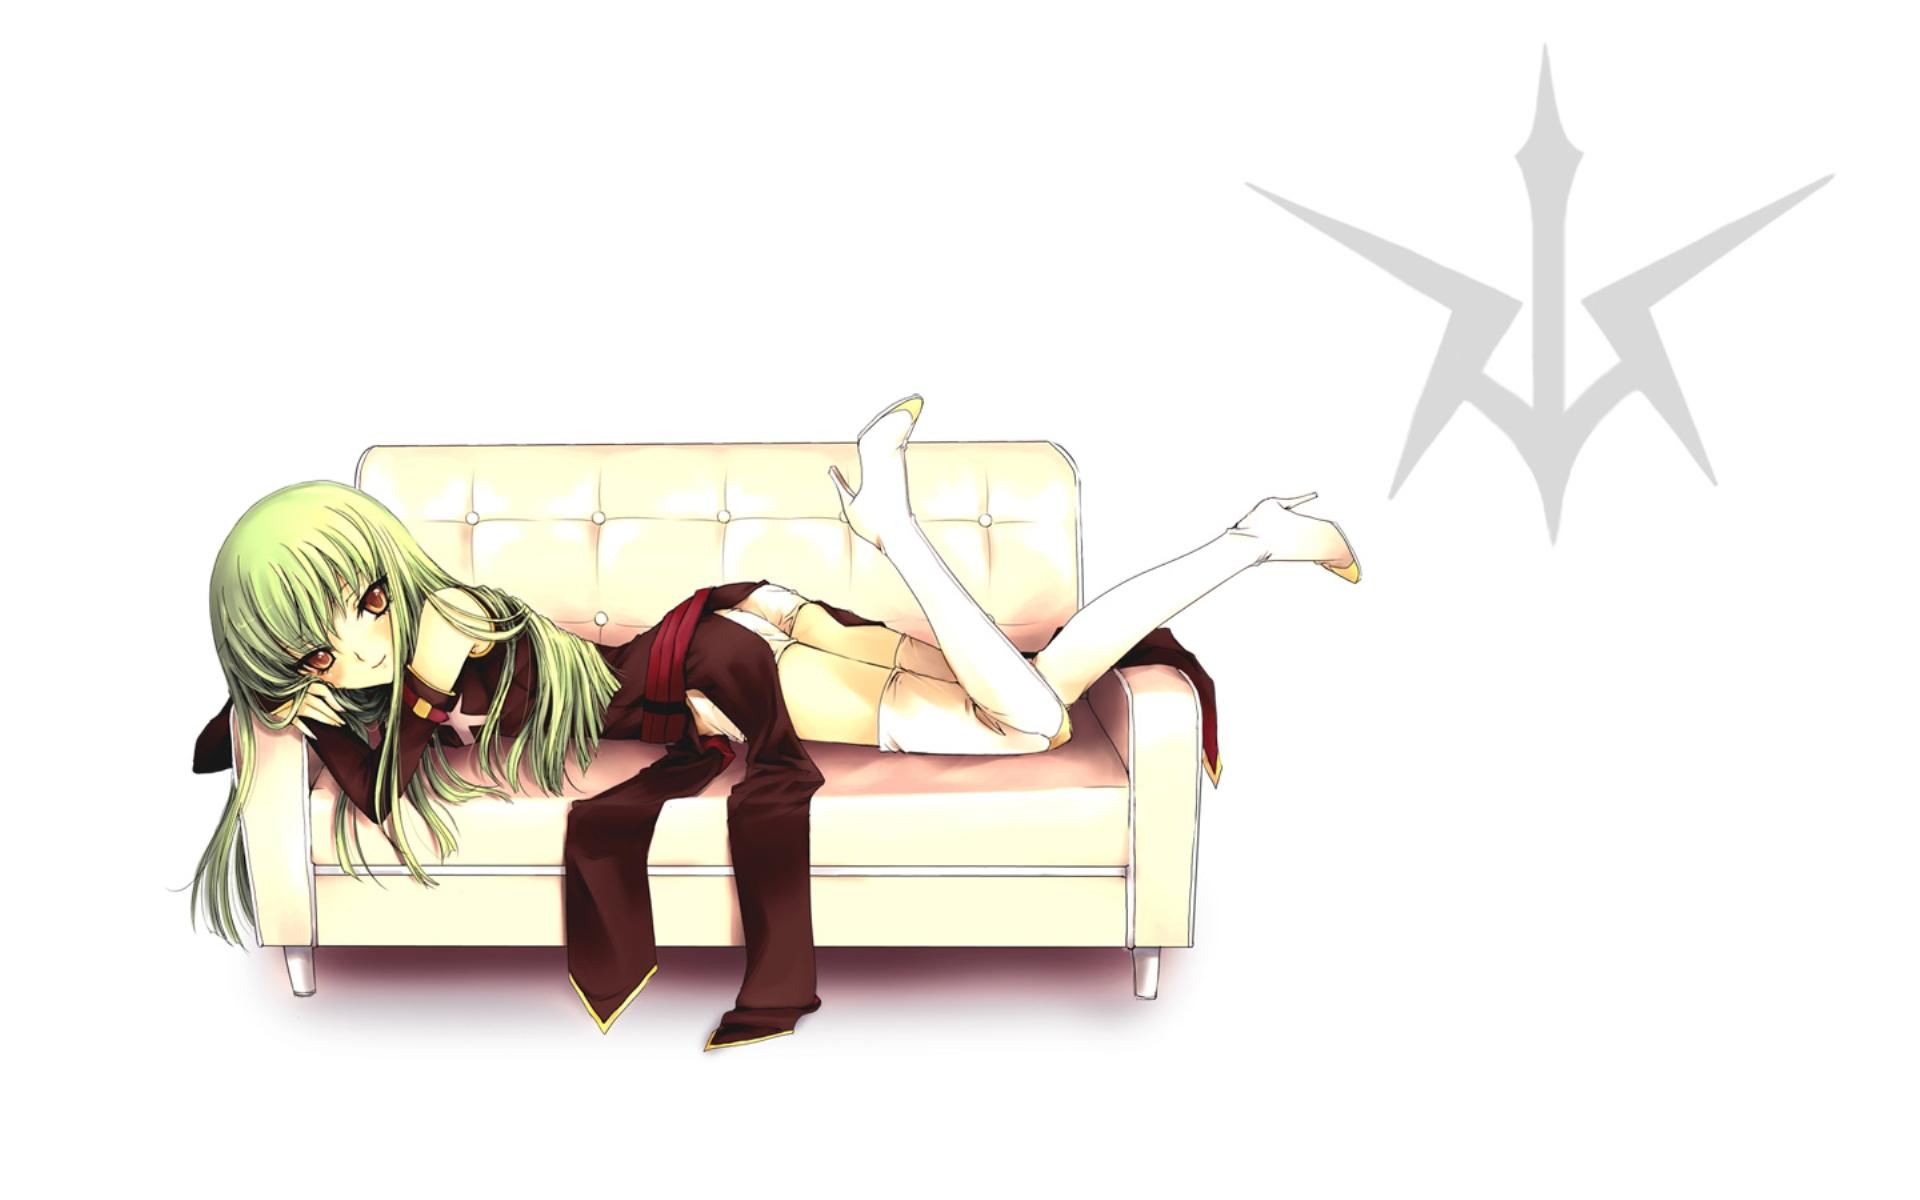 コピーKonachan.com - 42272 cc code_geass green_hair long_hair